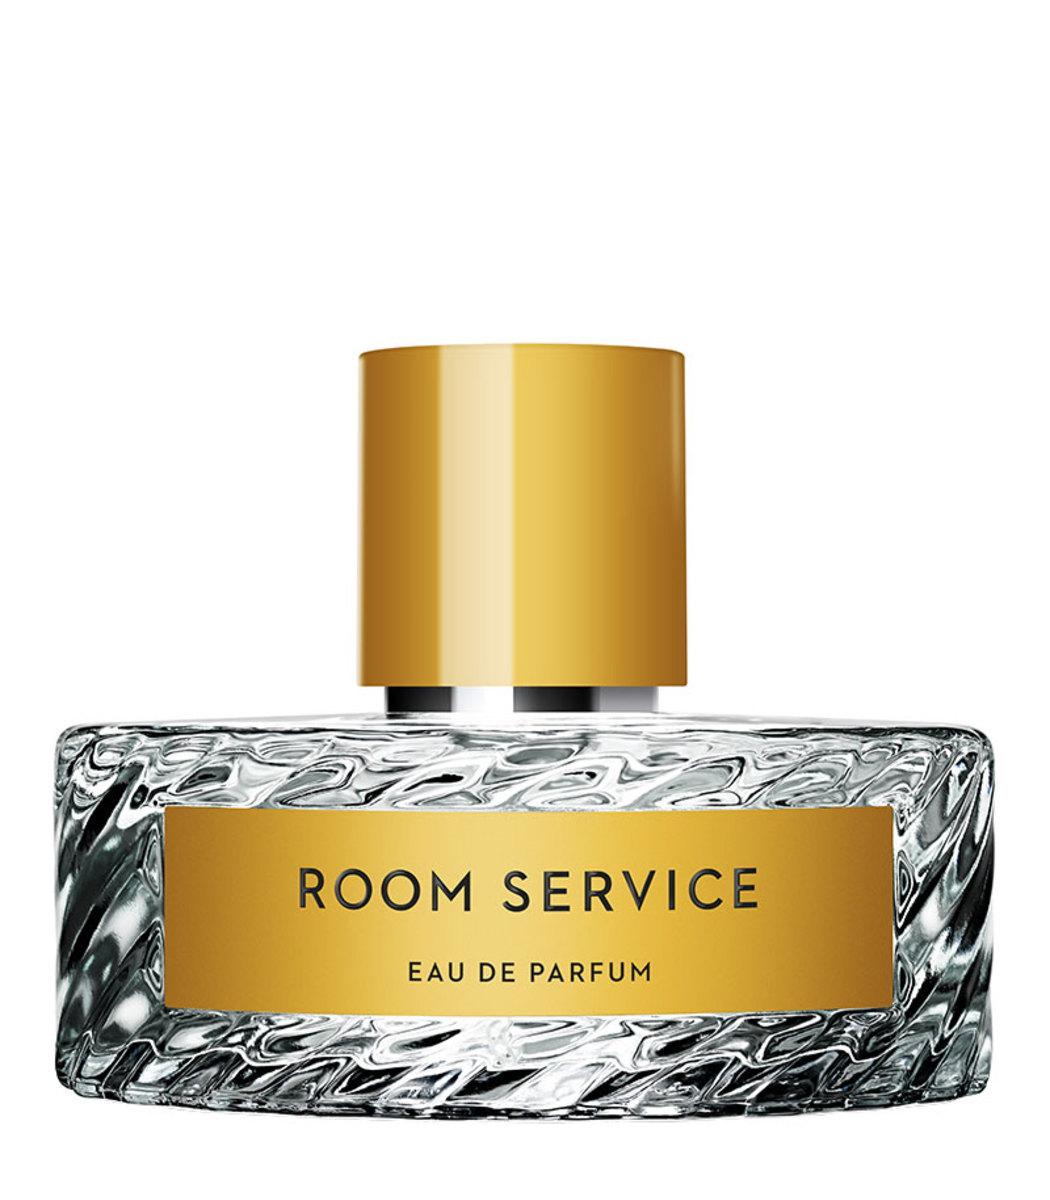 VILHELM PARFUMERIE Room Service Eau De Parfum  3.4 oz.